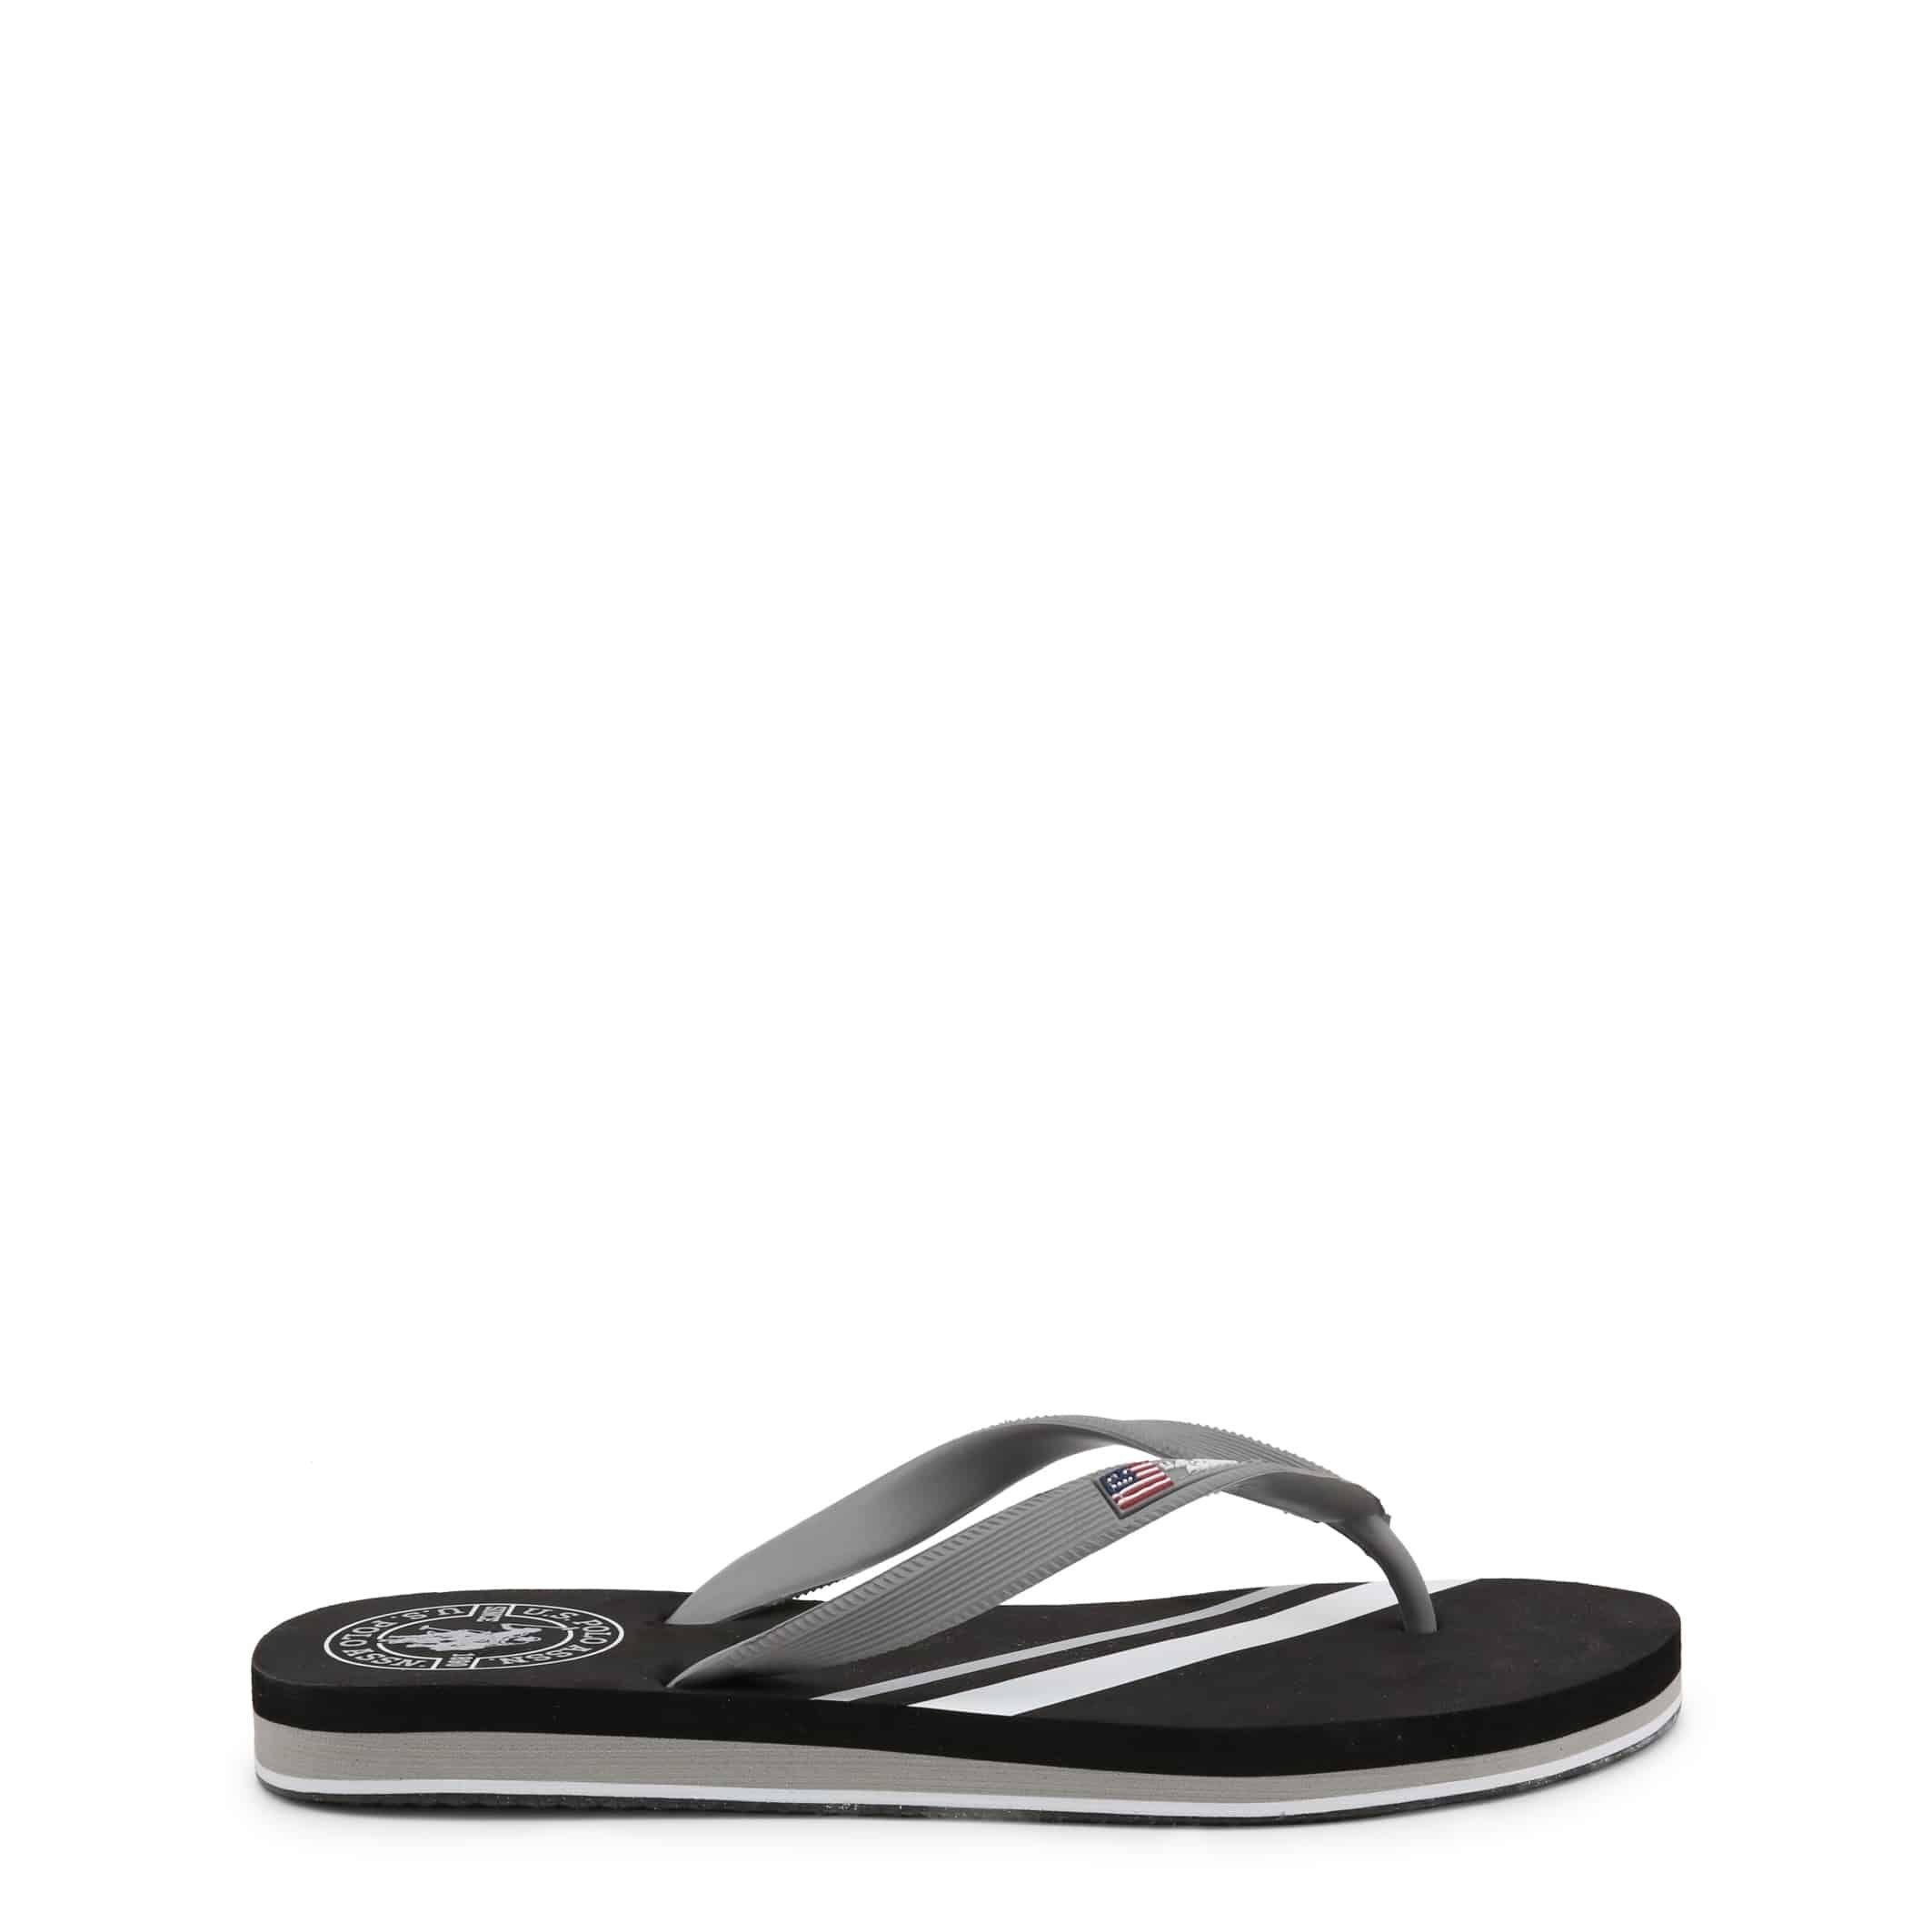 Nu-pieds et Tongs U.S. Polo Assn. – VAIAN4192S8_G1